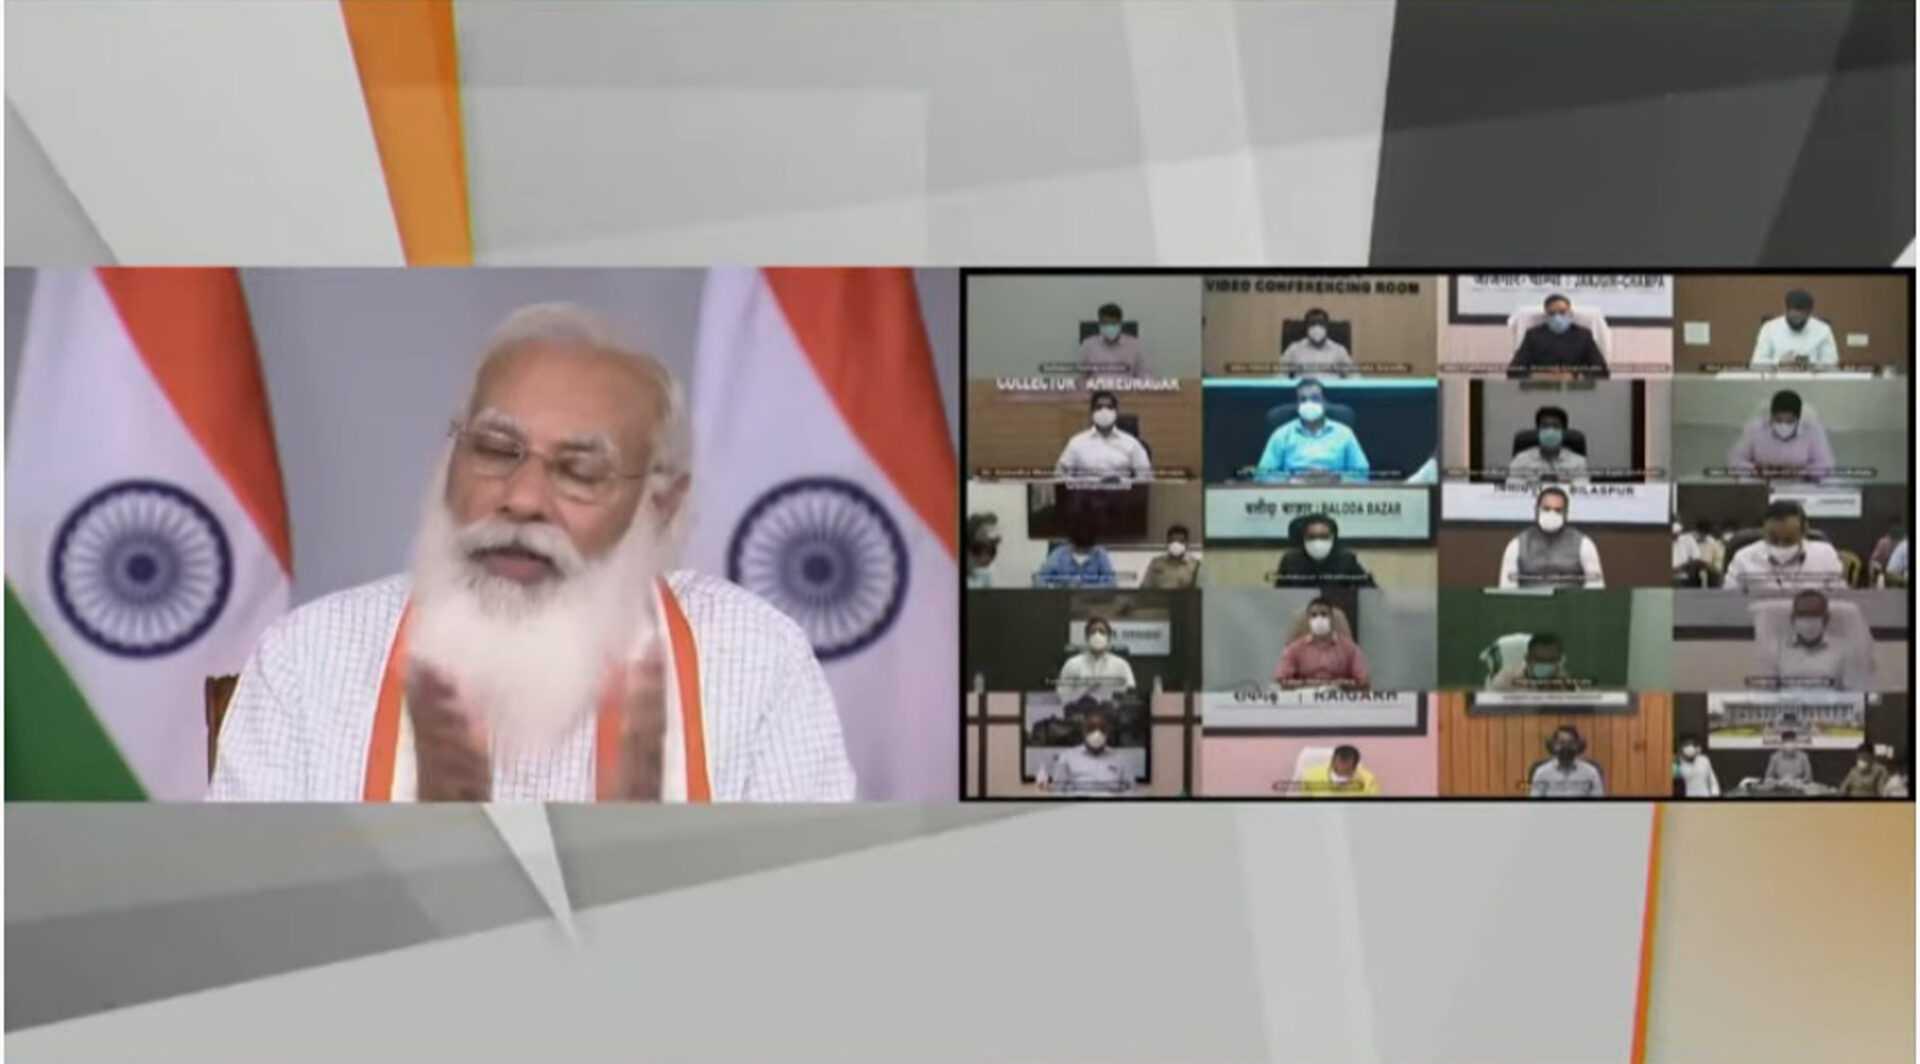 पंतप्रधानांनी बैठकीत कोणत्याच मुख्यमंत्र्याला बोलू दिले नाही, हा आमचा अपमान; पत्रकार परिषदेत ममतांनी व्यक्त केली नाराजी